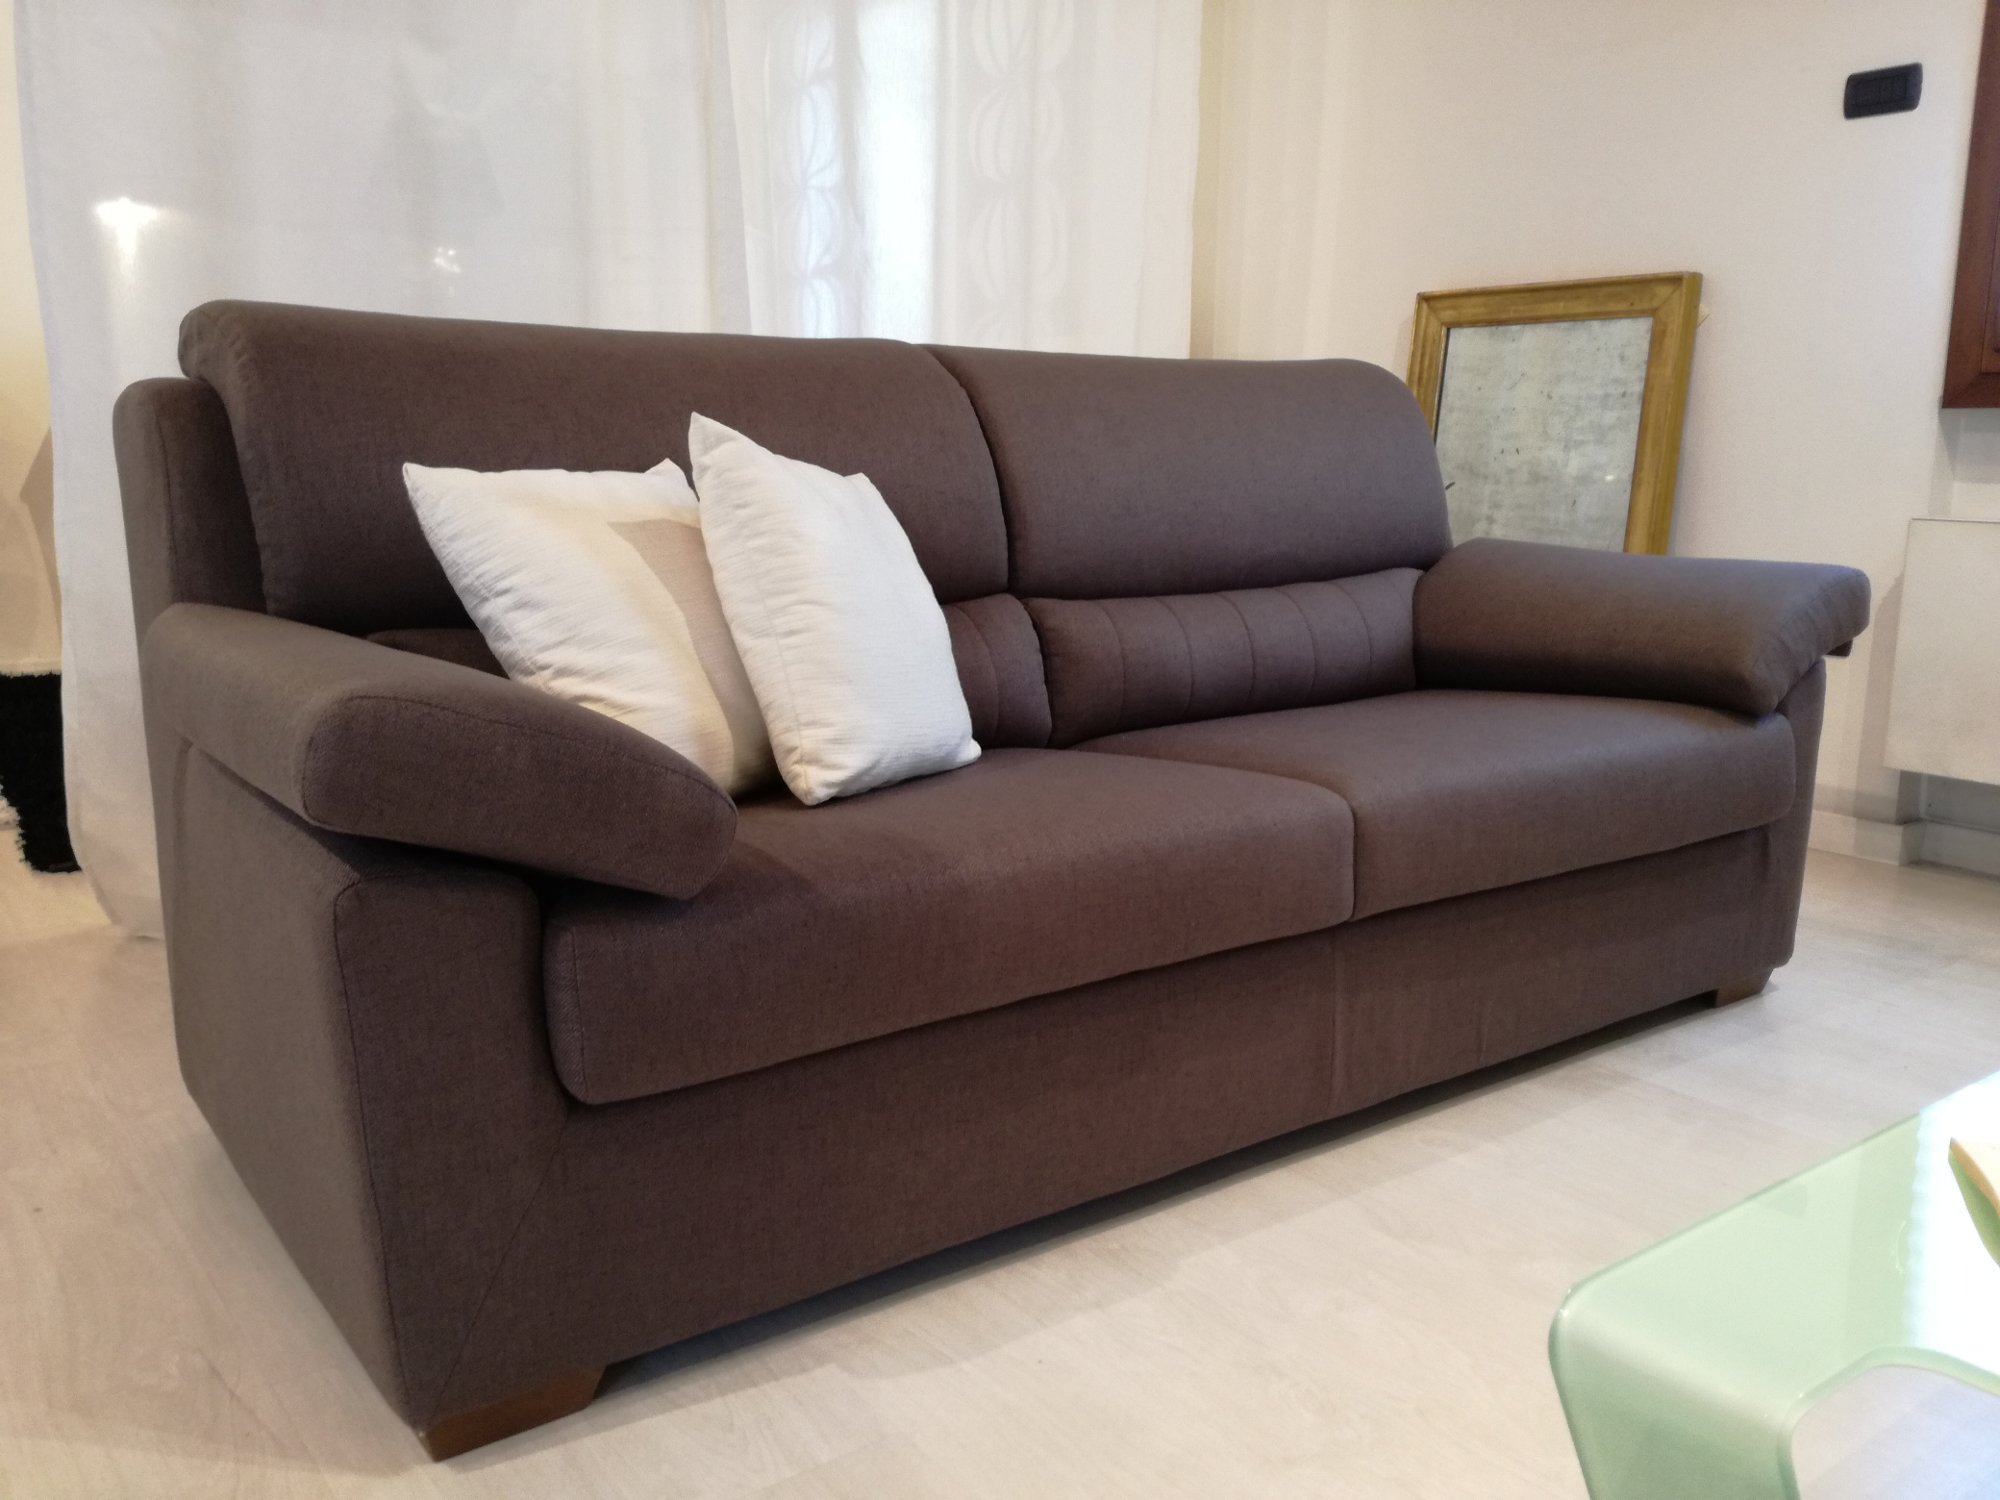 divano aron in tessuto sfoderabile color cioccolato